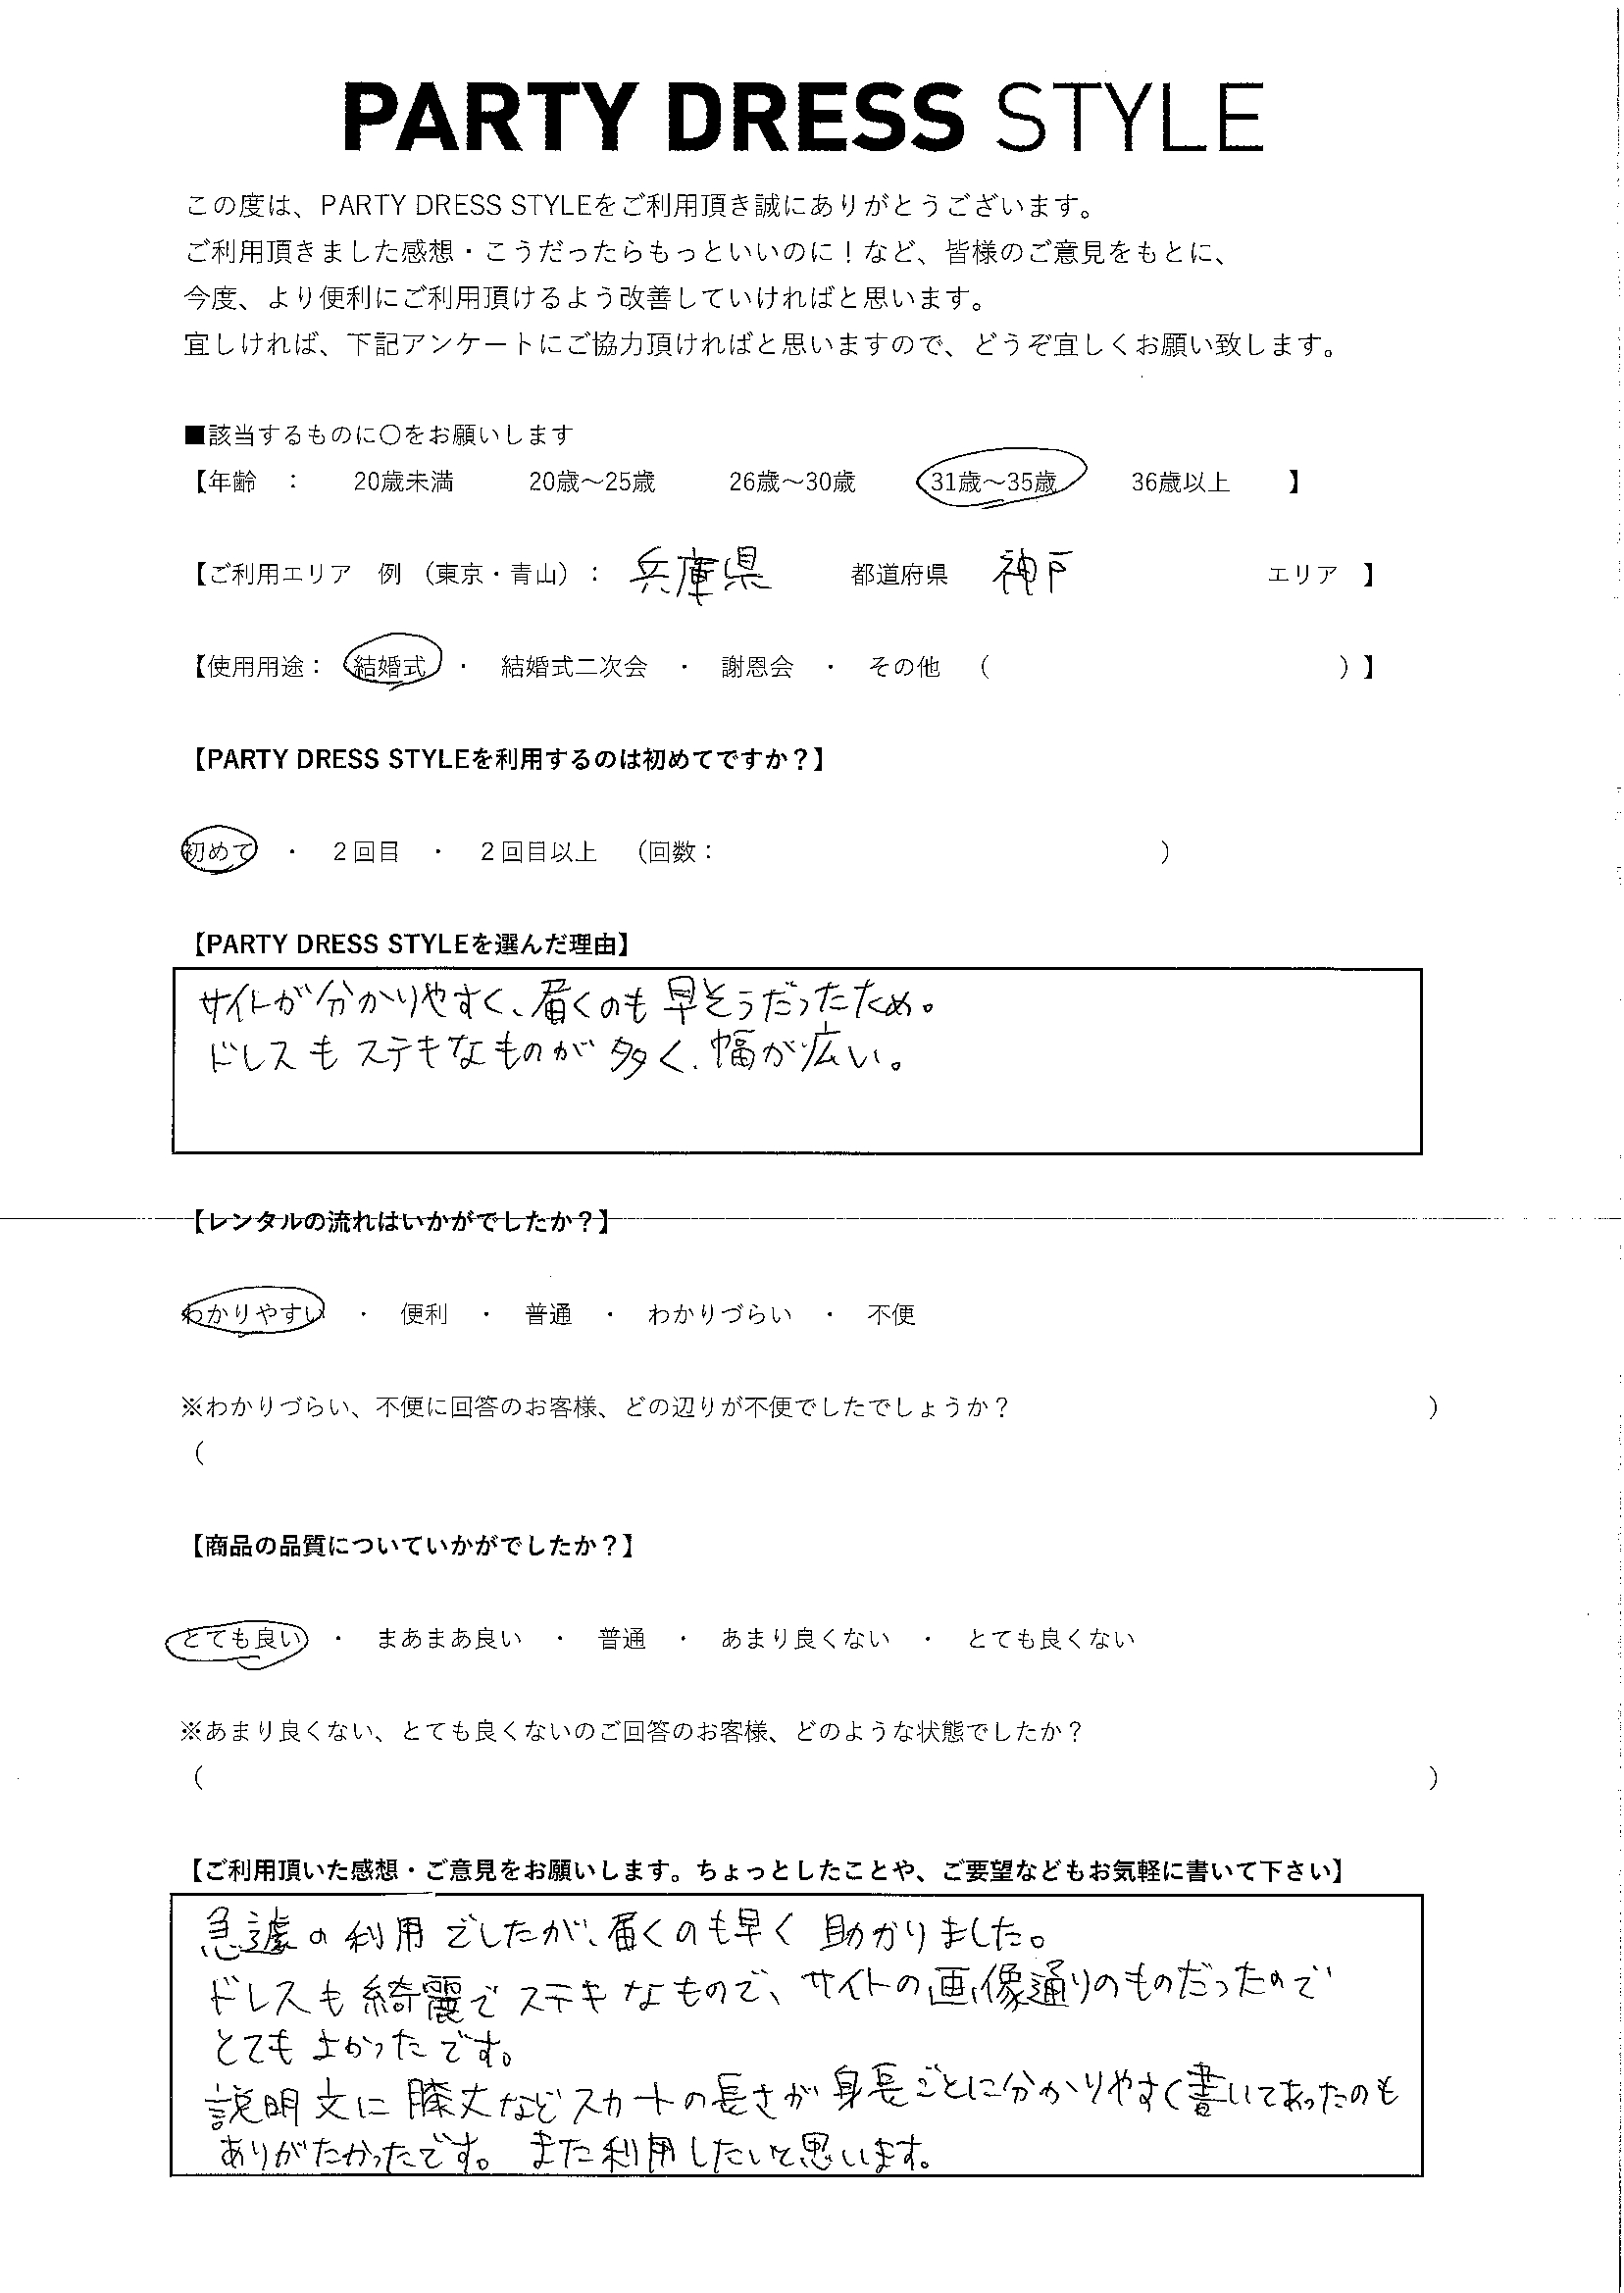 8/18結婚式 兵庫県・神戸エリア